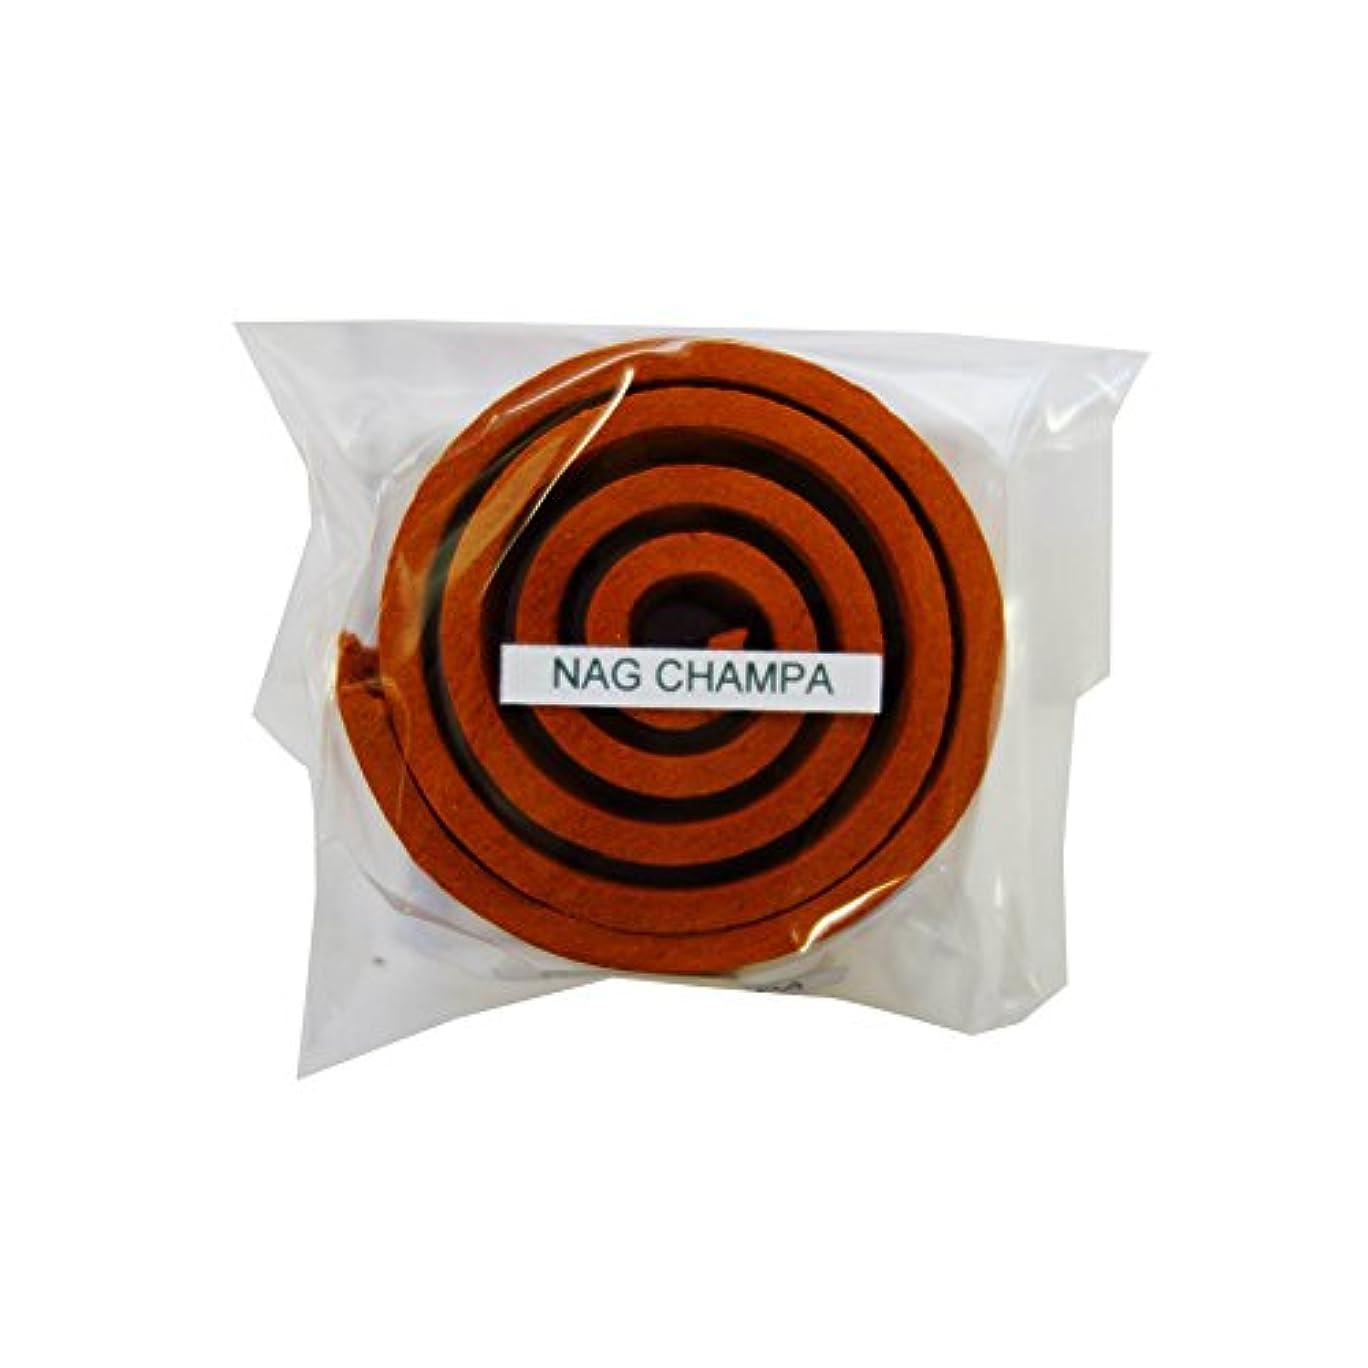 コテージ撤回する暖炉お香/うずまき香 Nag Champa ナグチャンパ 直径5cm×5巻セット [並行輸入品]